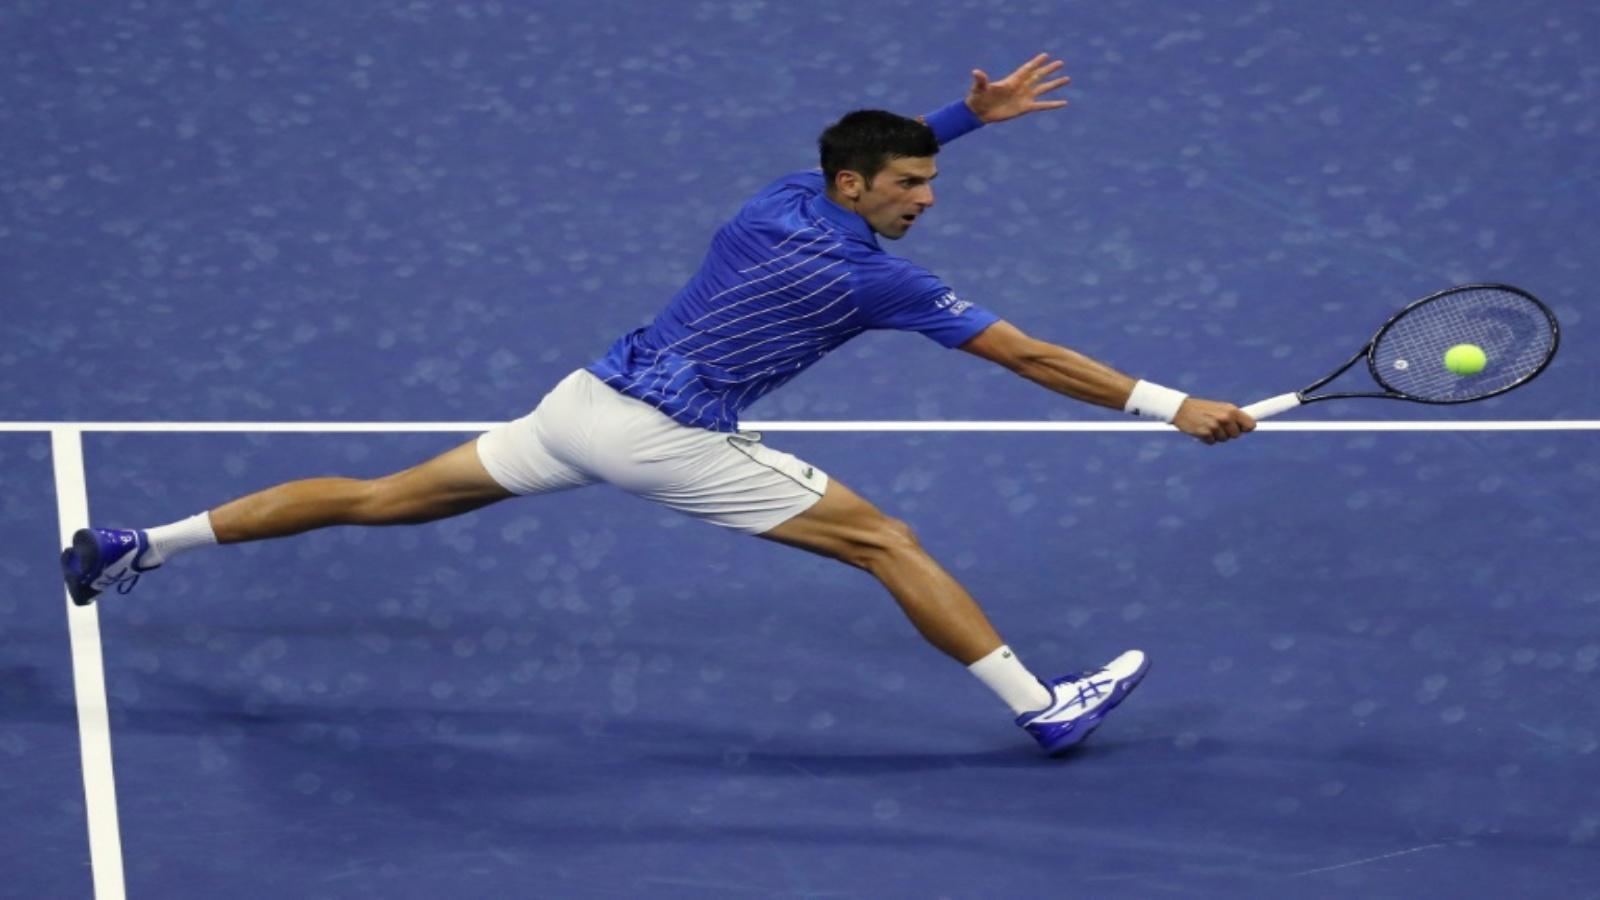 ديوكوفيتش يواصل تفوقه على نيشيكوري ويصعد للدور الرابع في بطولة أمريكا المفتوحة للتنس